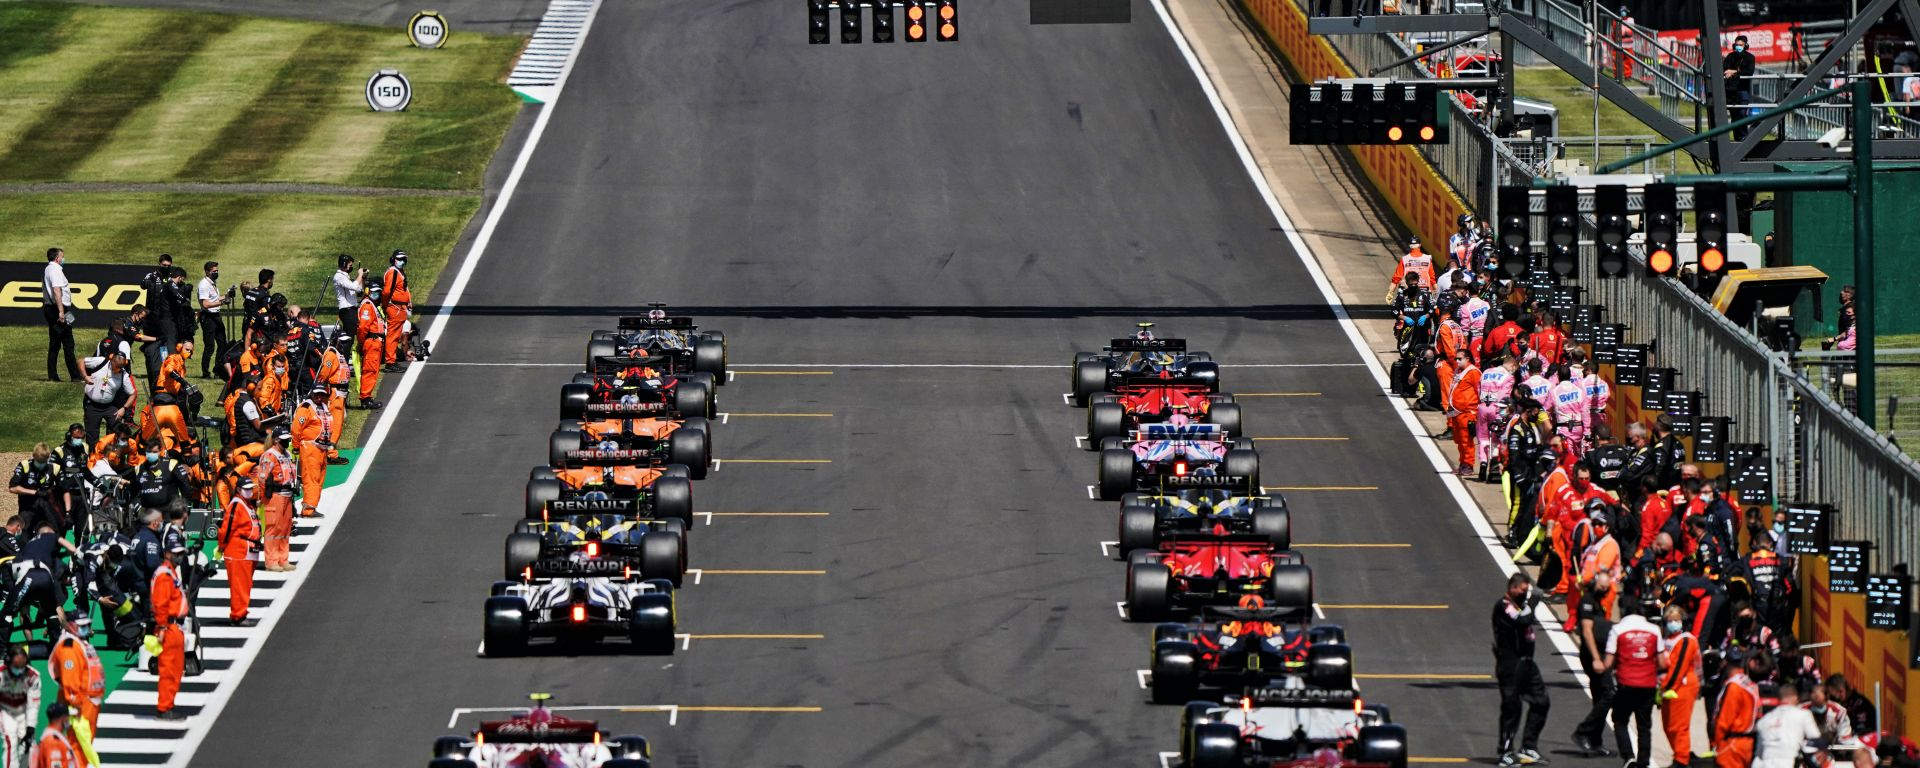 F1 GP Gran Bretagna 2020, Silverstone: la griglia di partenza